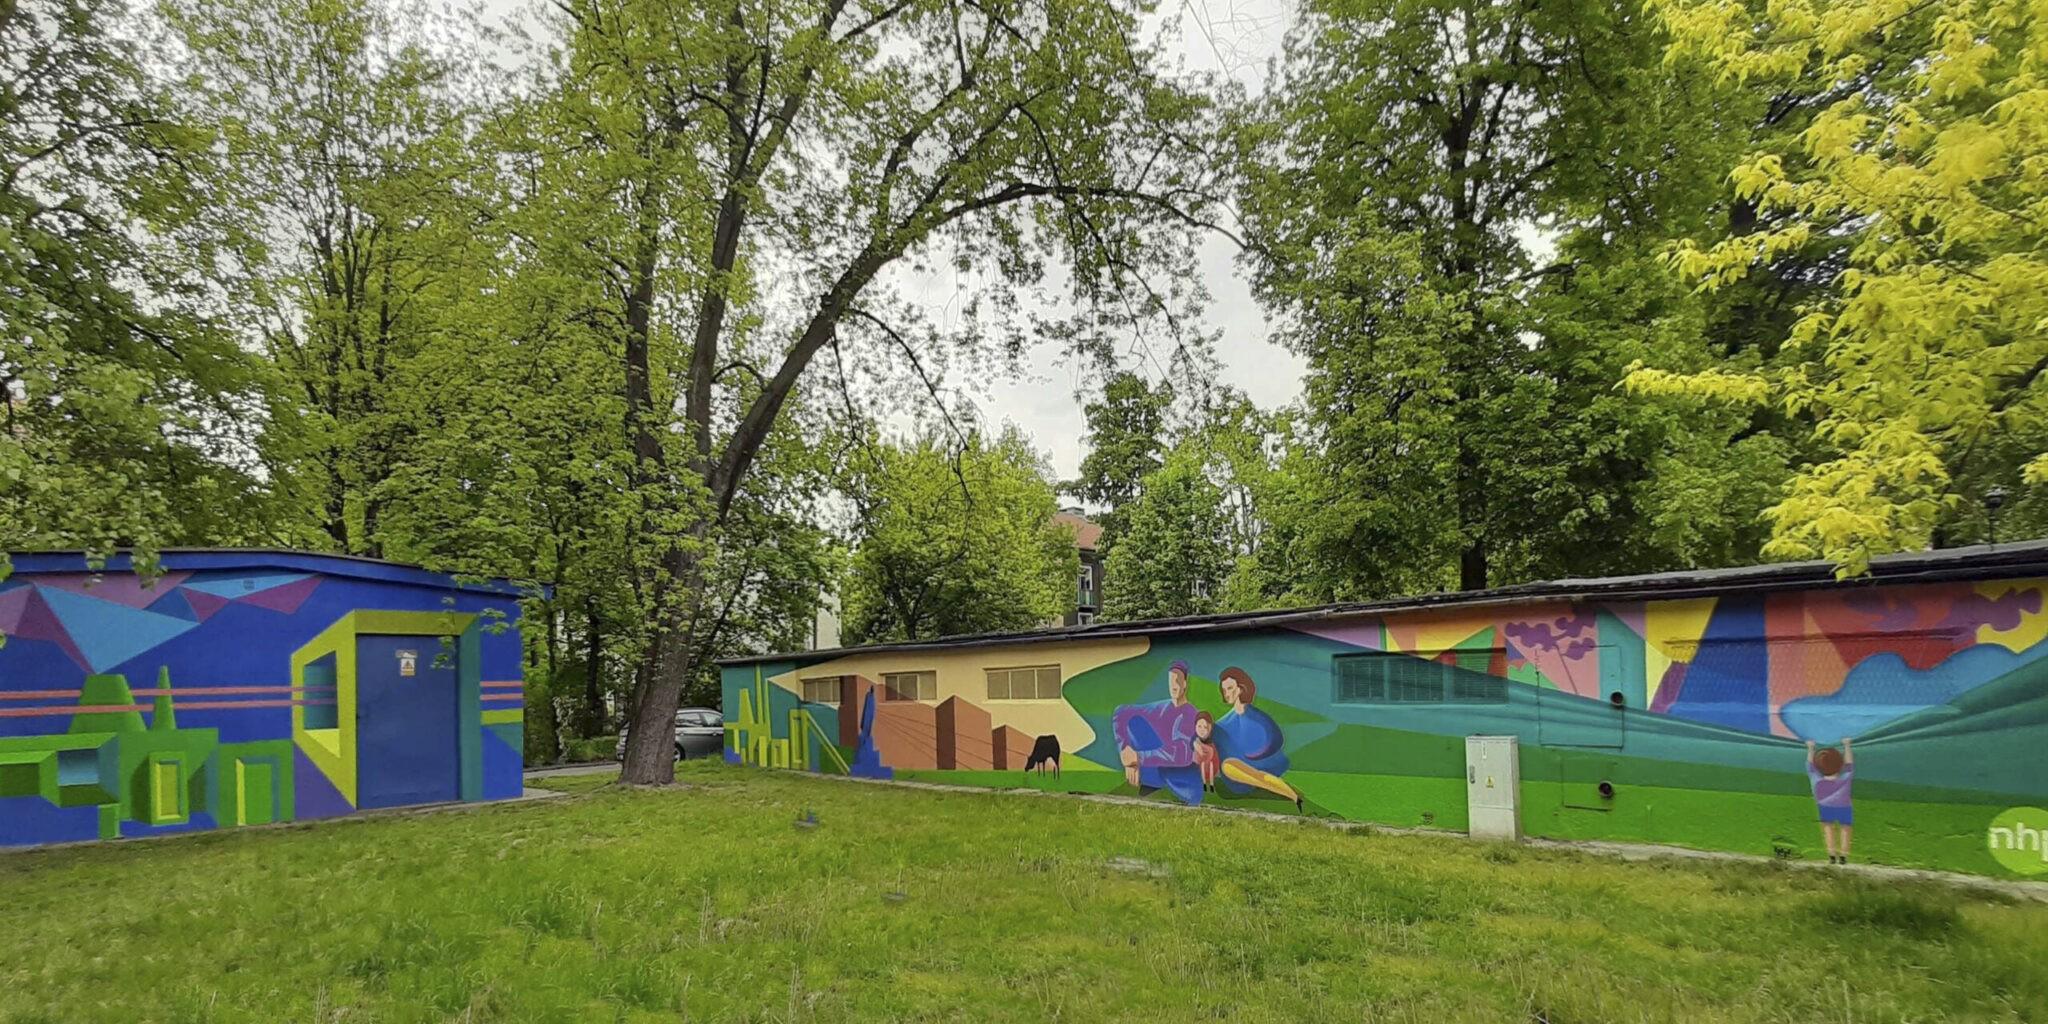 murale Dariusza Milczarka na osiedlu Willowym w Krakowie.